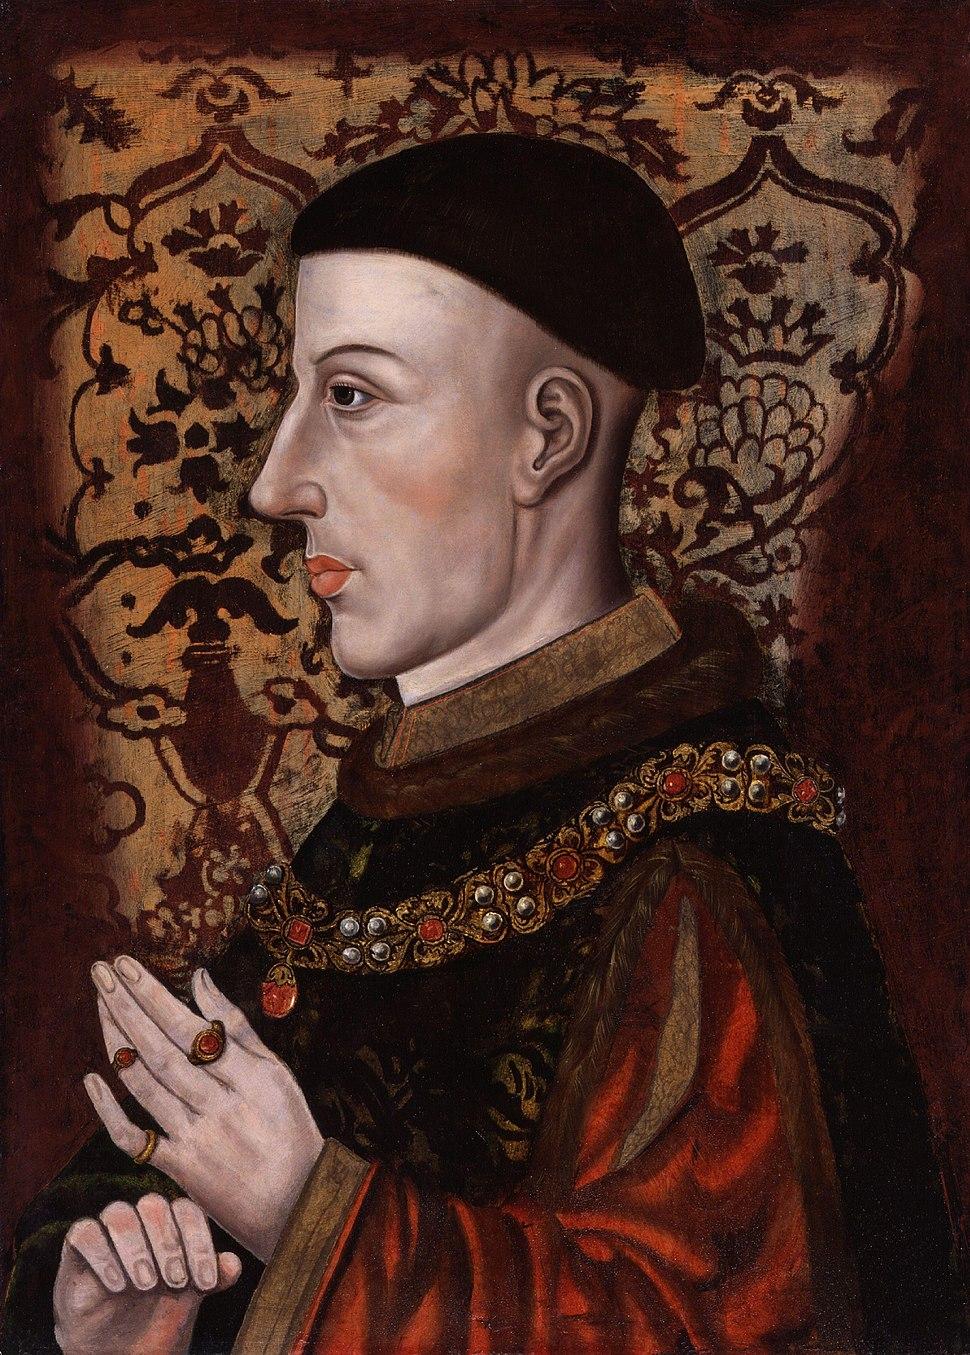 King Henry V from NPG